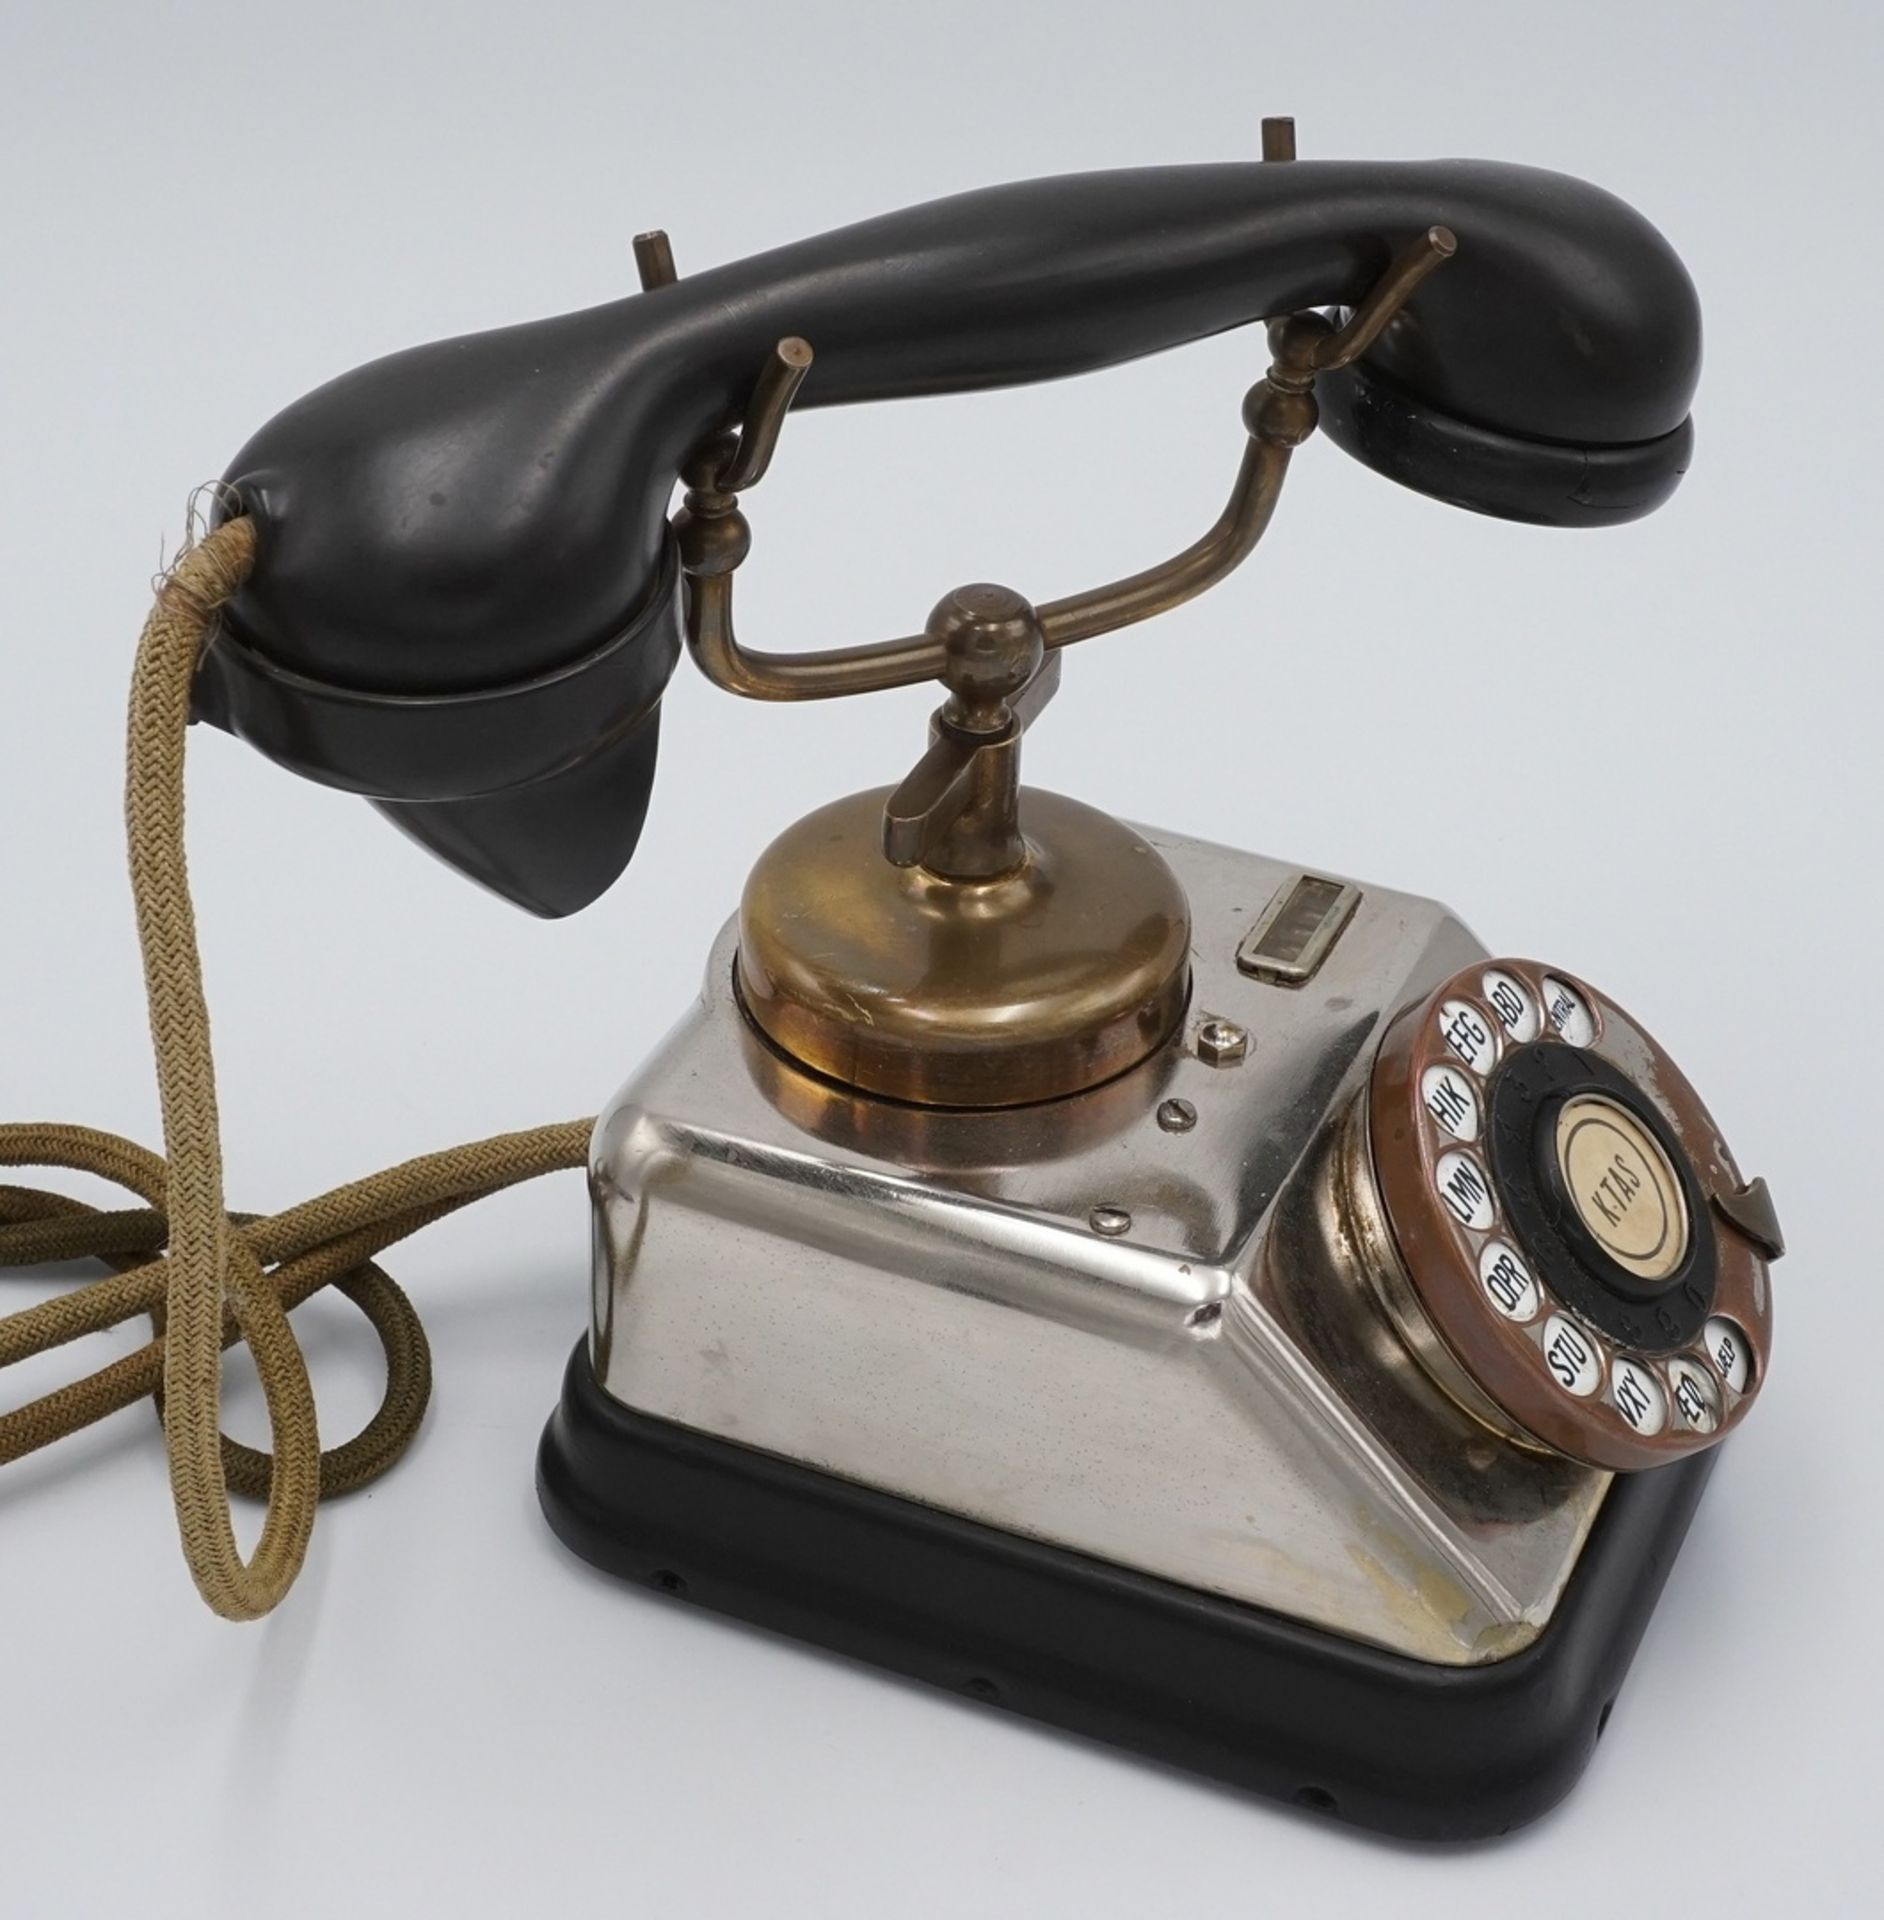 KTAS dänisches Telefon mit Wählscheibe, um 1930 - Bild 2 aus 4